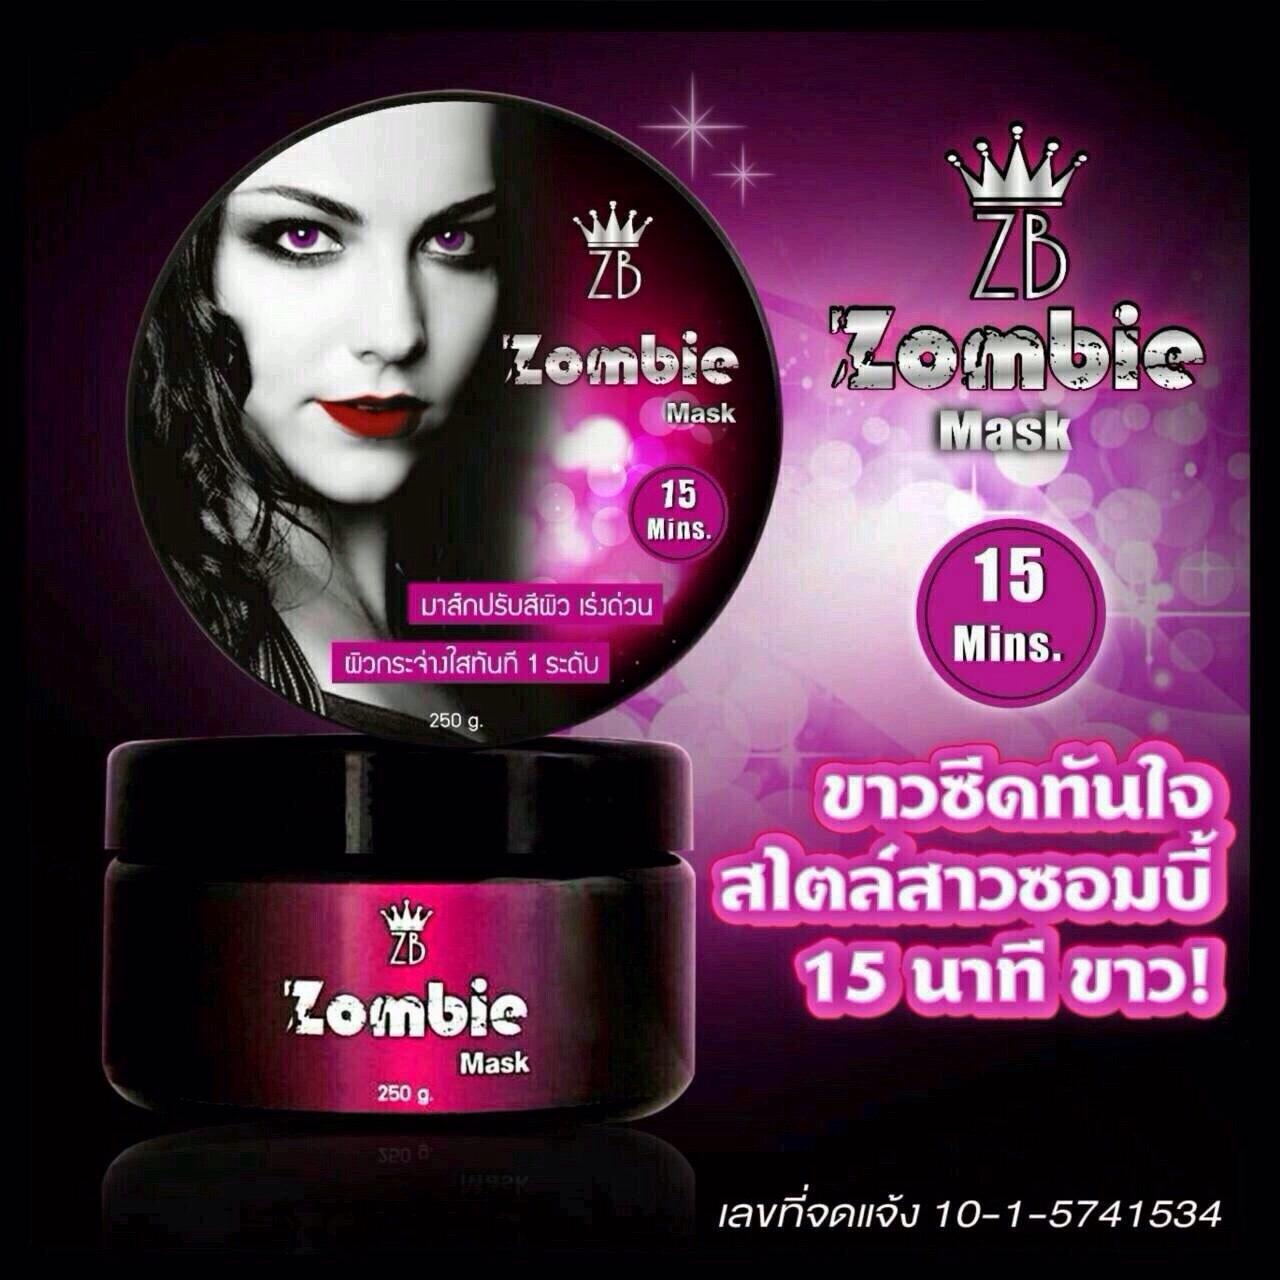 Zombie Mask 15 นาที ขาว!! ไม่ต้องรอ 3 วัน 7 วัน มาส์กวันนี้ขาววันนี้!!